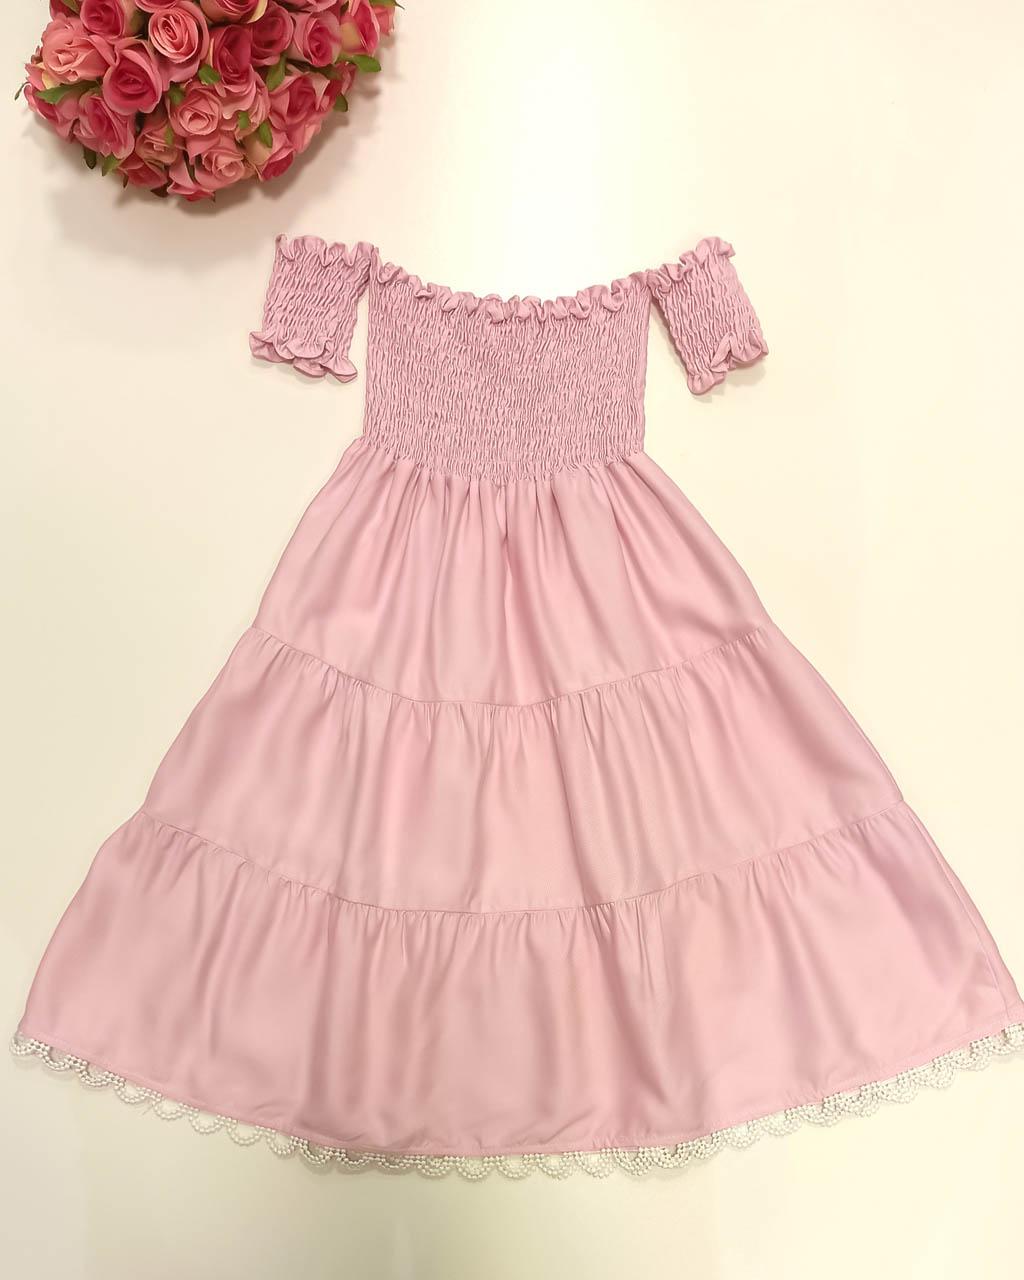 Vestido Infantil Lastex Detalhe Na Barra Passamanaria Rosa Lumilu